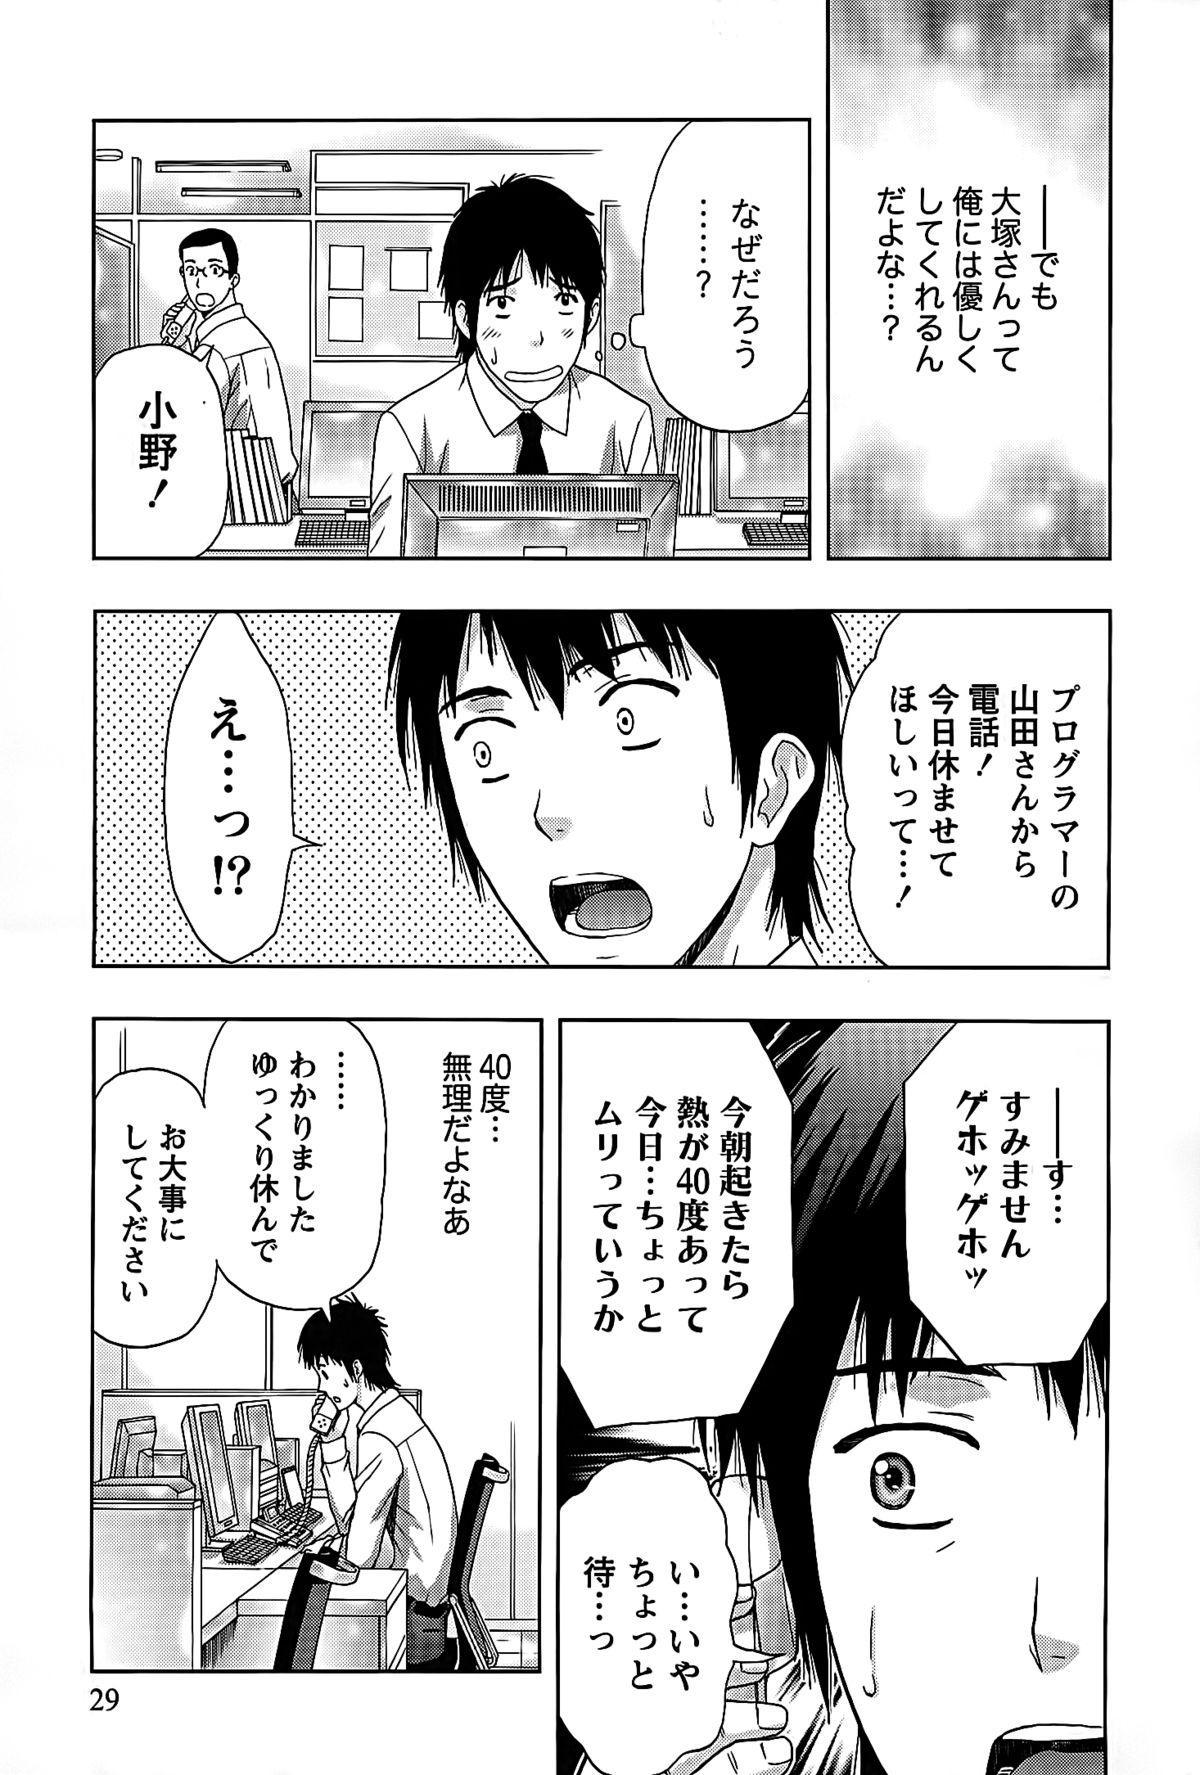 Shittori Lady to Amai Mitsu 28